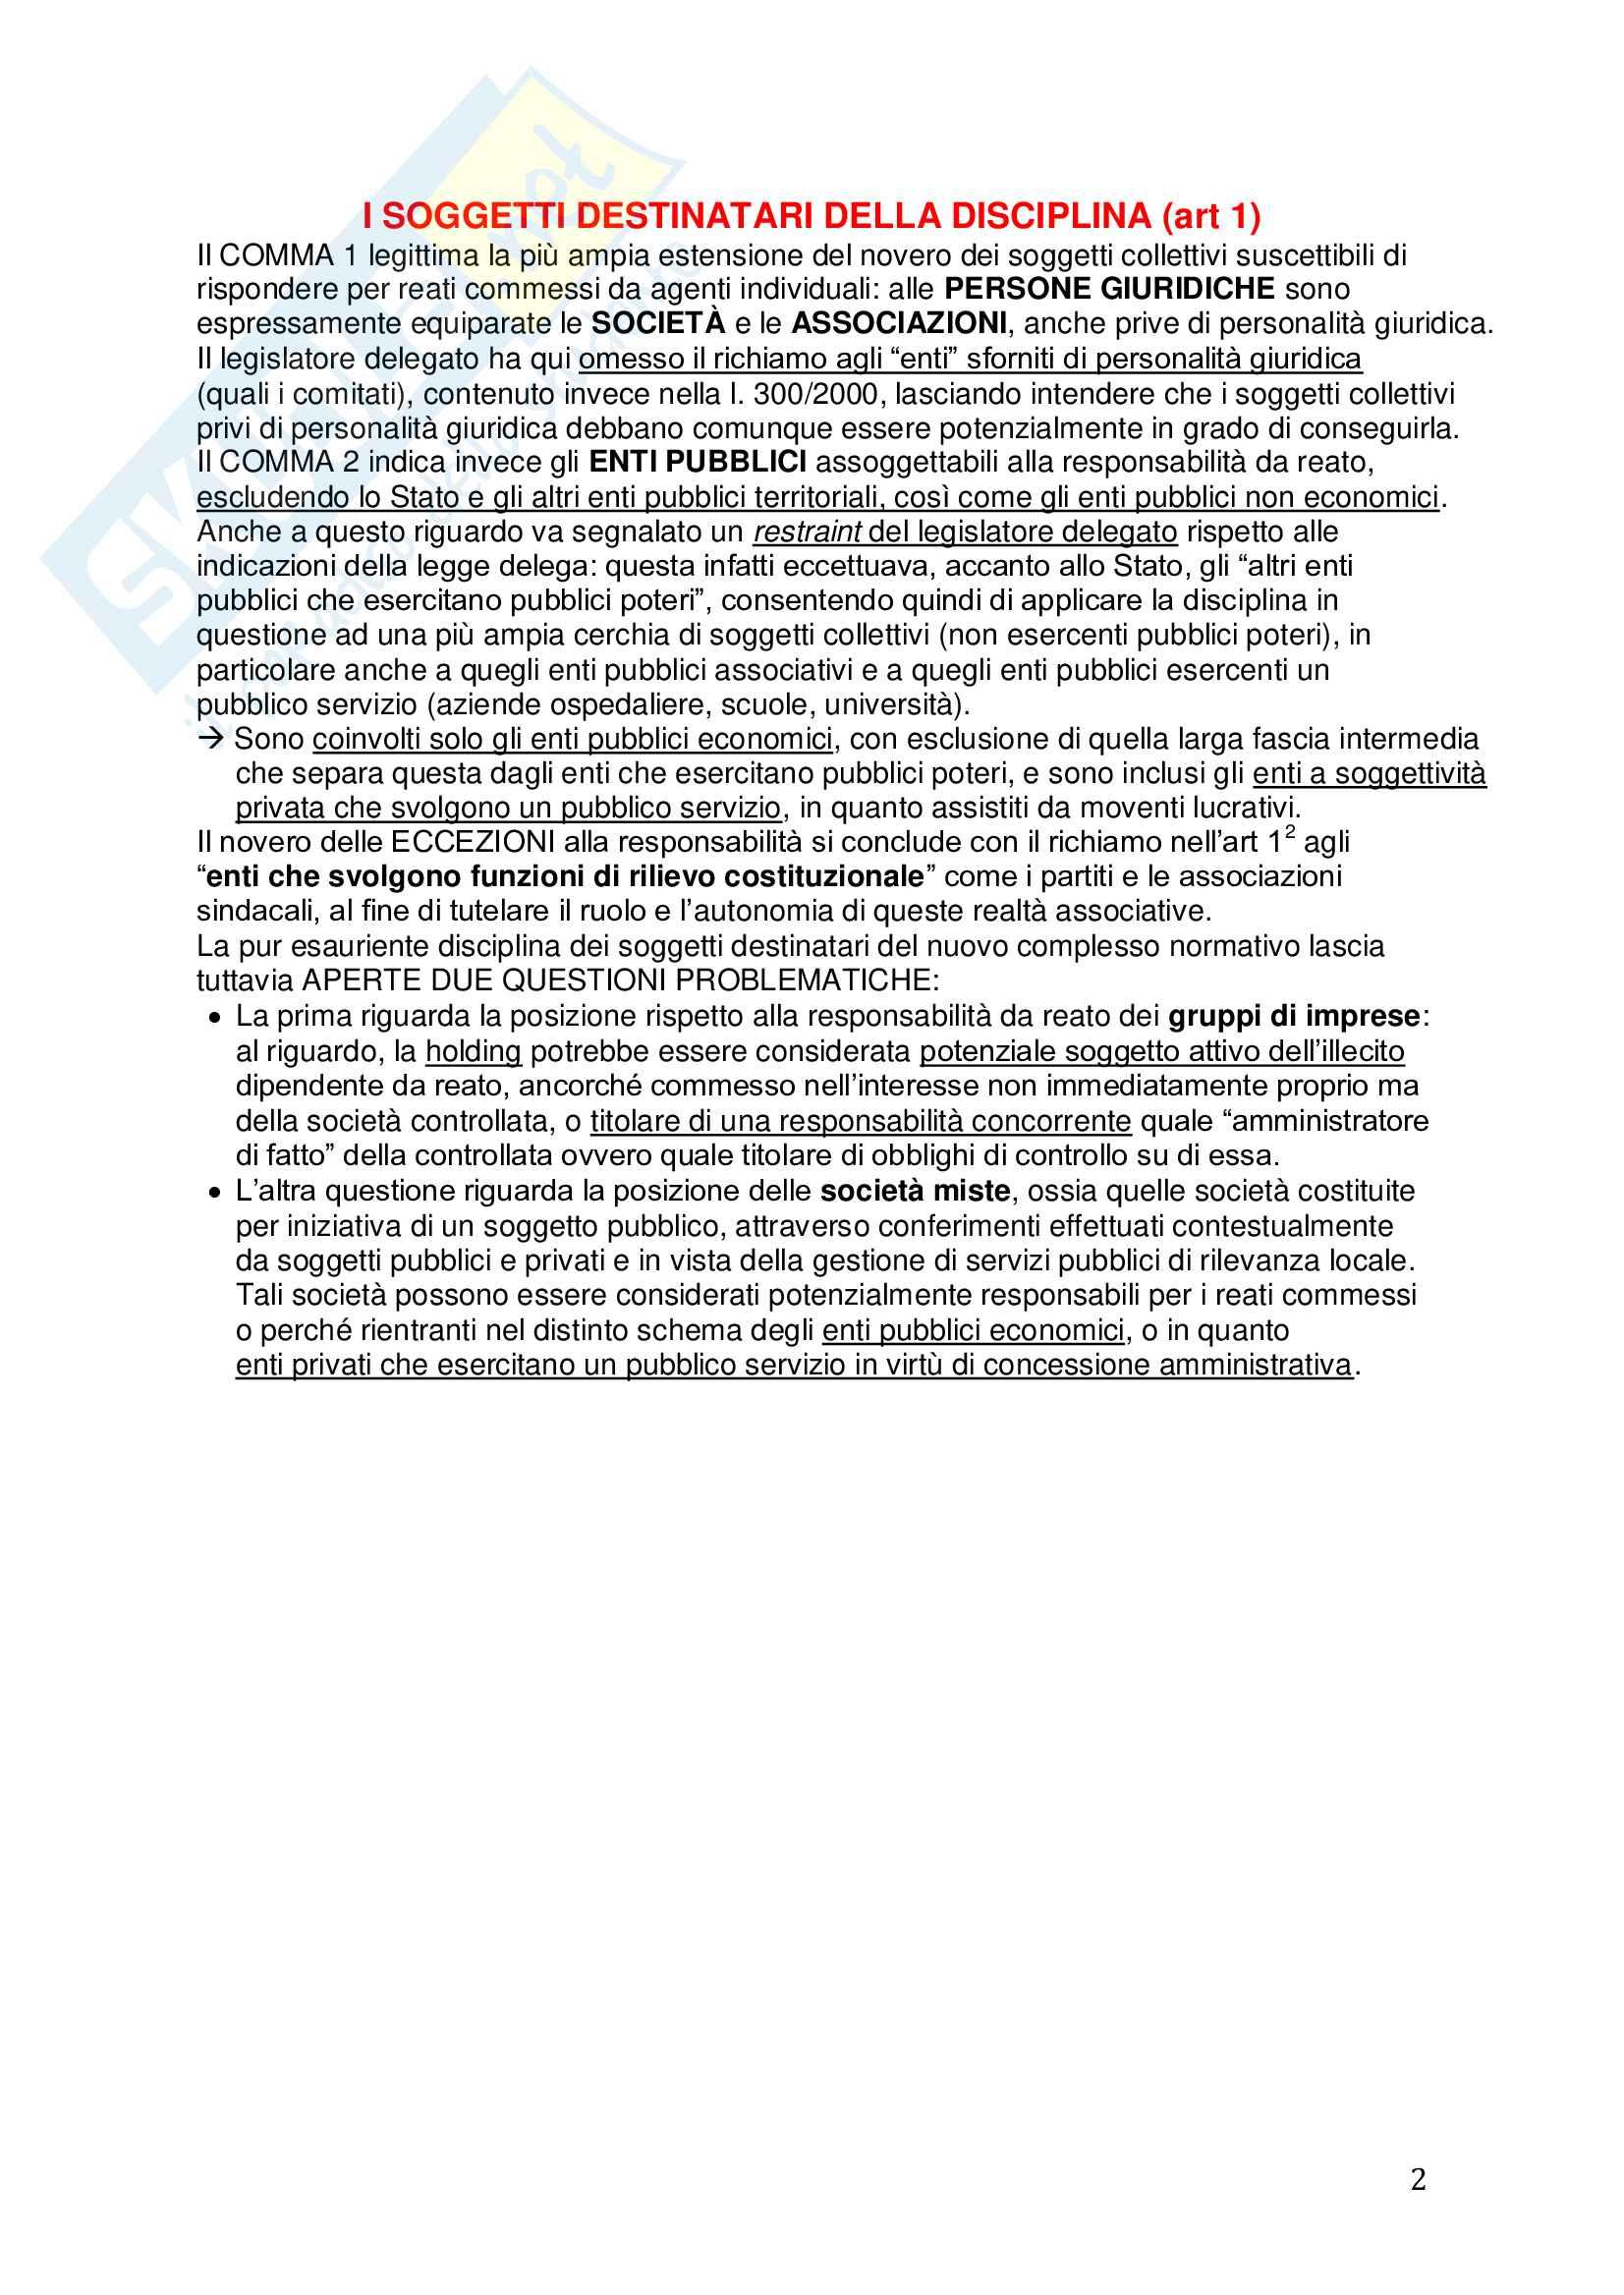 Riassunto esame Diritto, prof. Picotti, libro consigliato La responsabilità penale delle persone giuridiche, De Vero Pag. 2